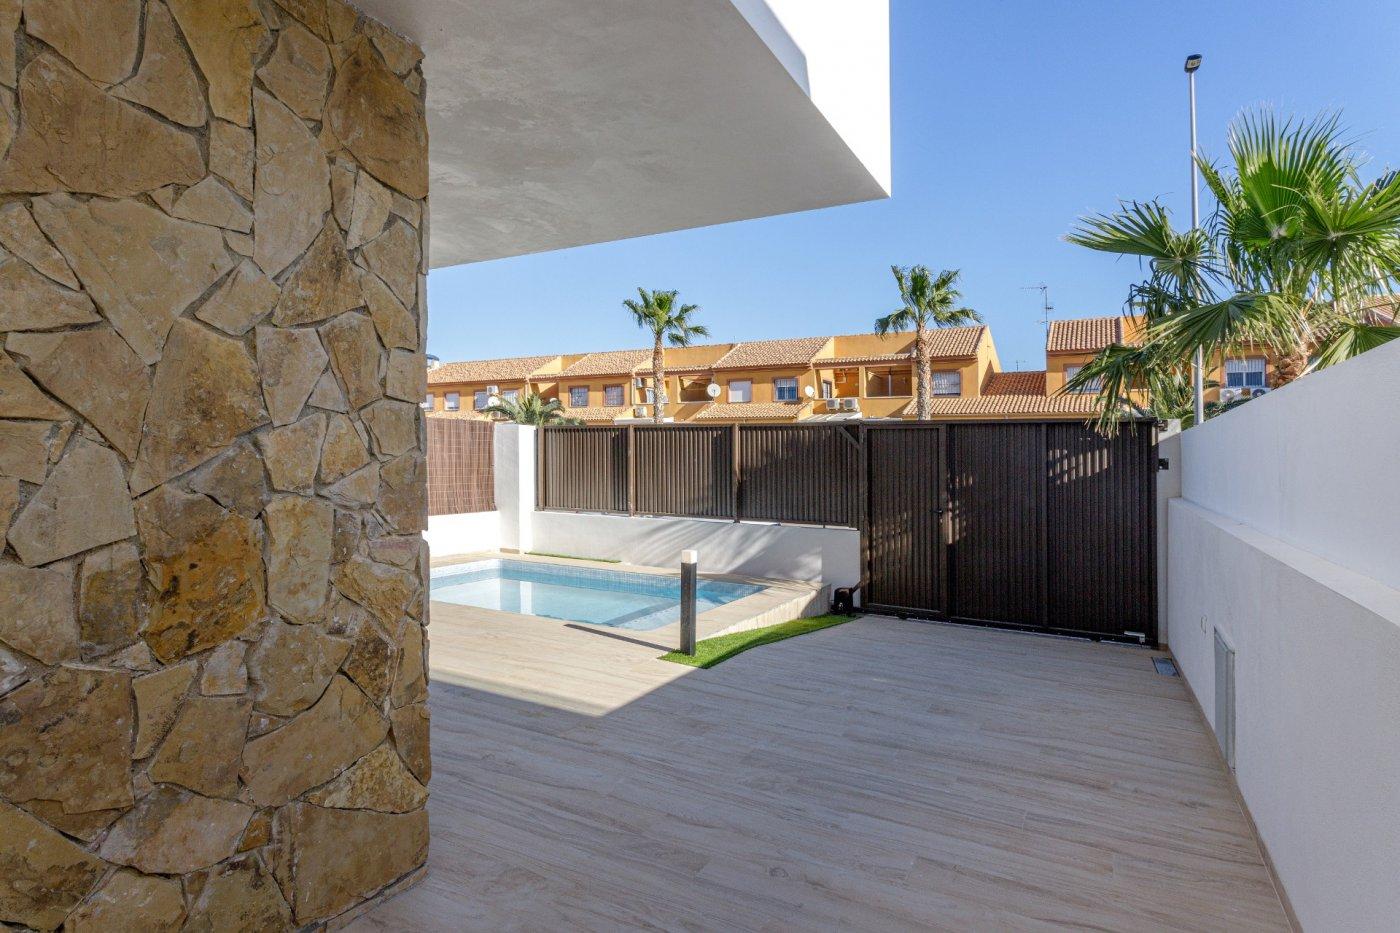 Villas con estilo en san pedro del pinatar - imagenInmueble2